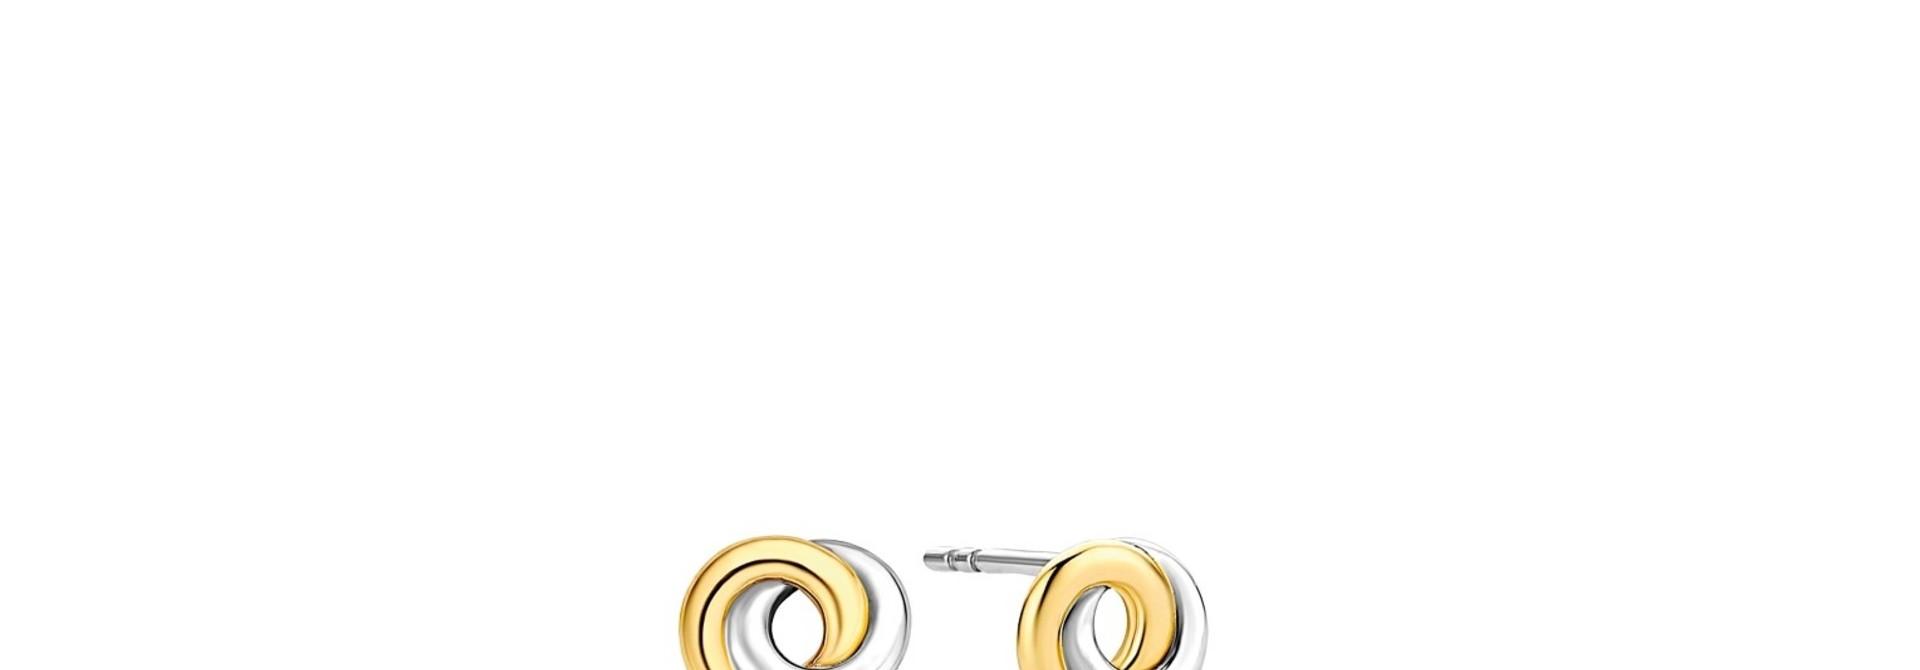 TI SENTO - Milano Earrings 7784SY